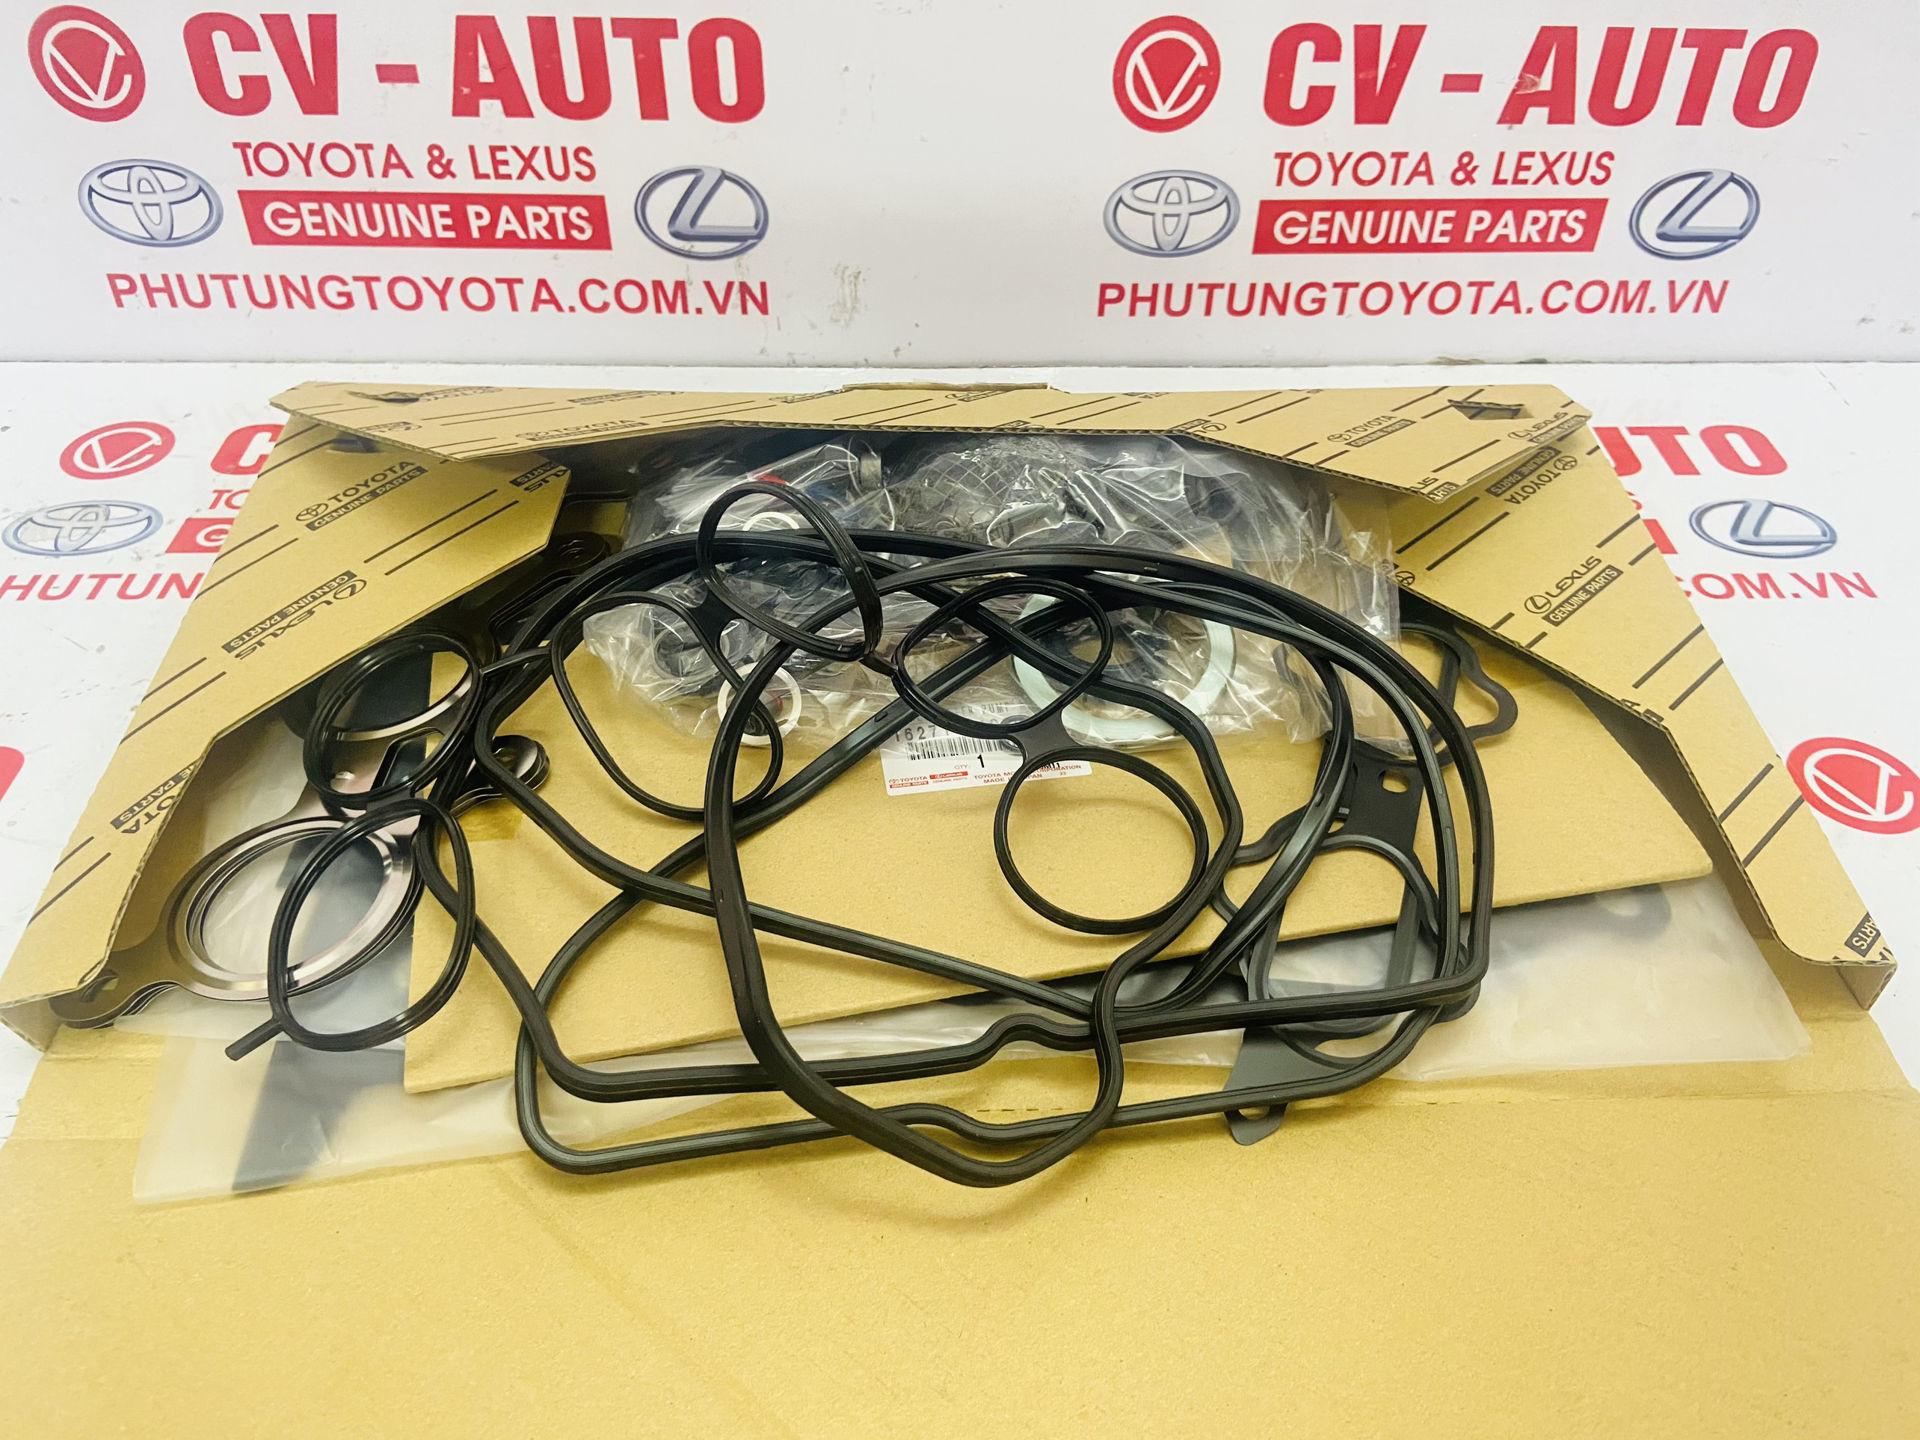 Picture of 04111-31602, 0411131602 Gioăng đại tu Lexus GS350, IS350 chính hãng